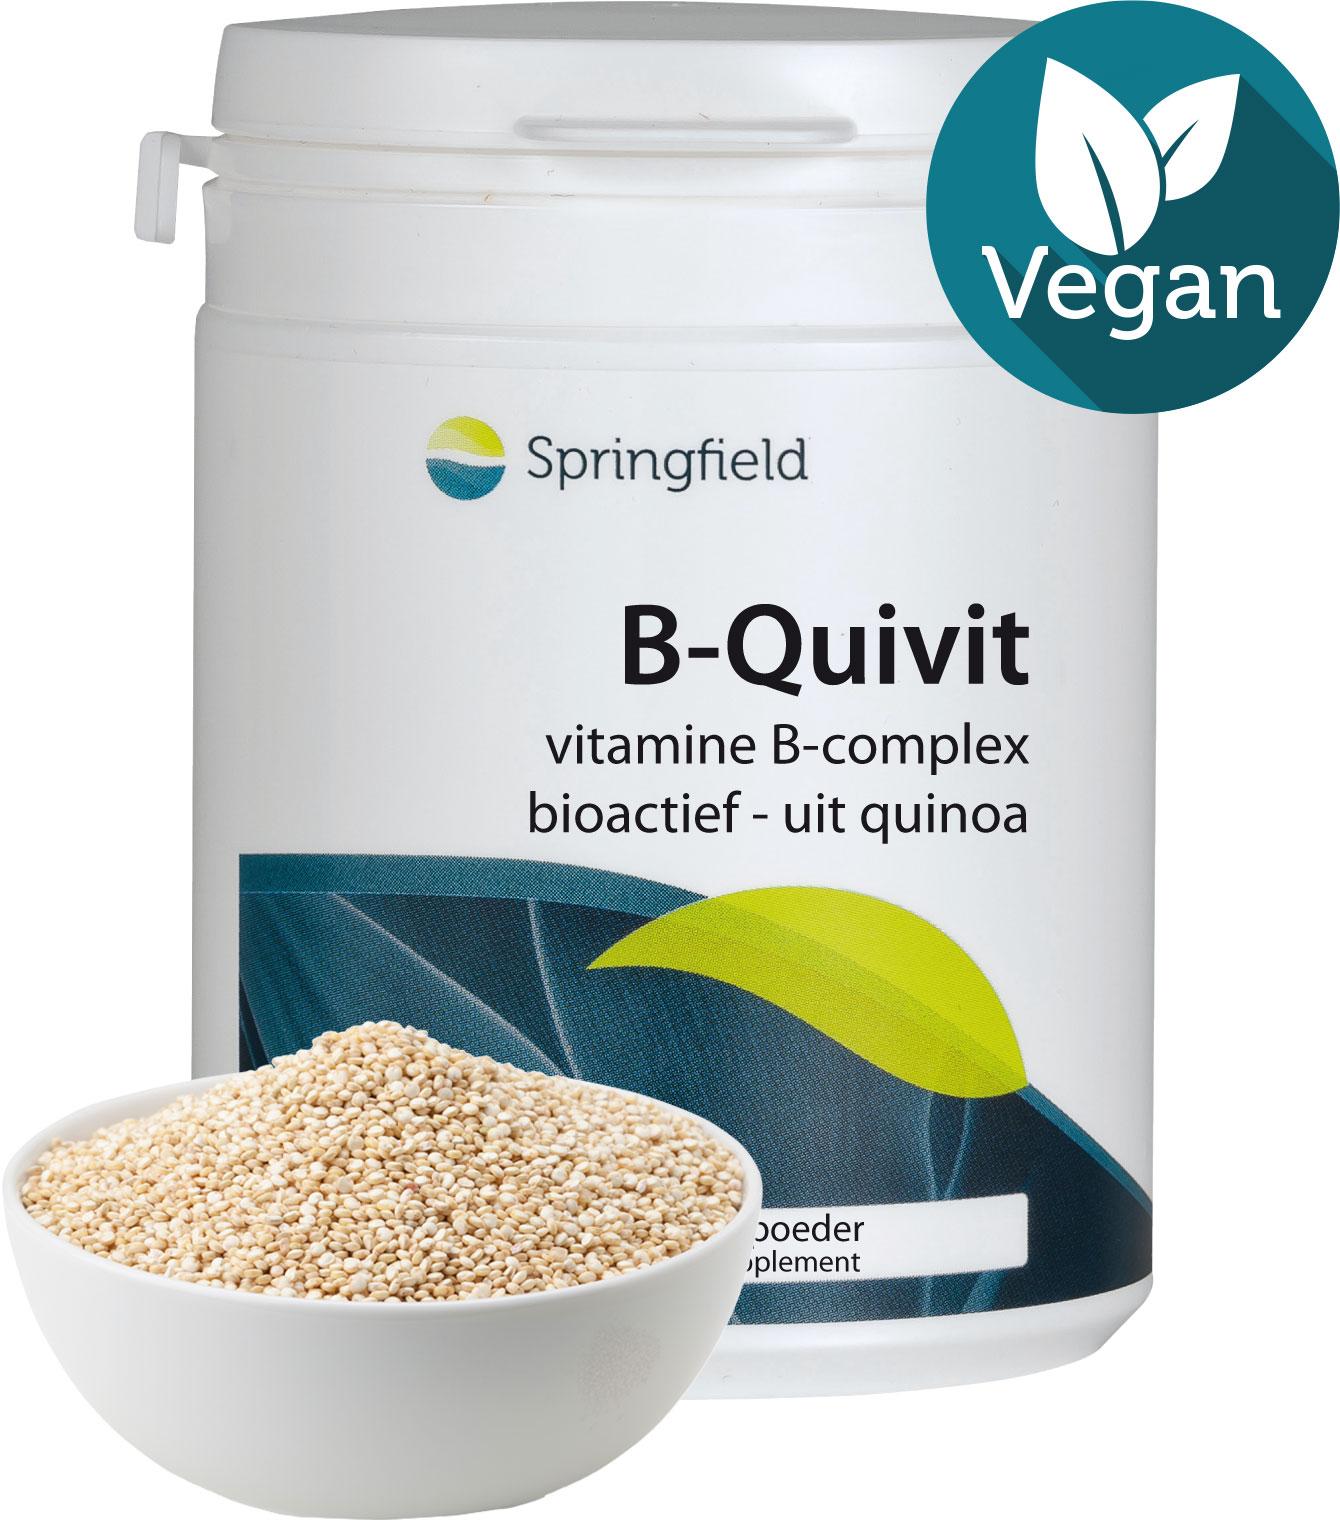 B-Quivit-natuurlijk-bioactief-B-complex-uit-quinoa---Vegan